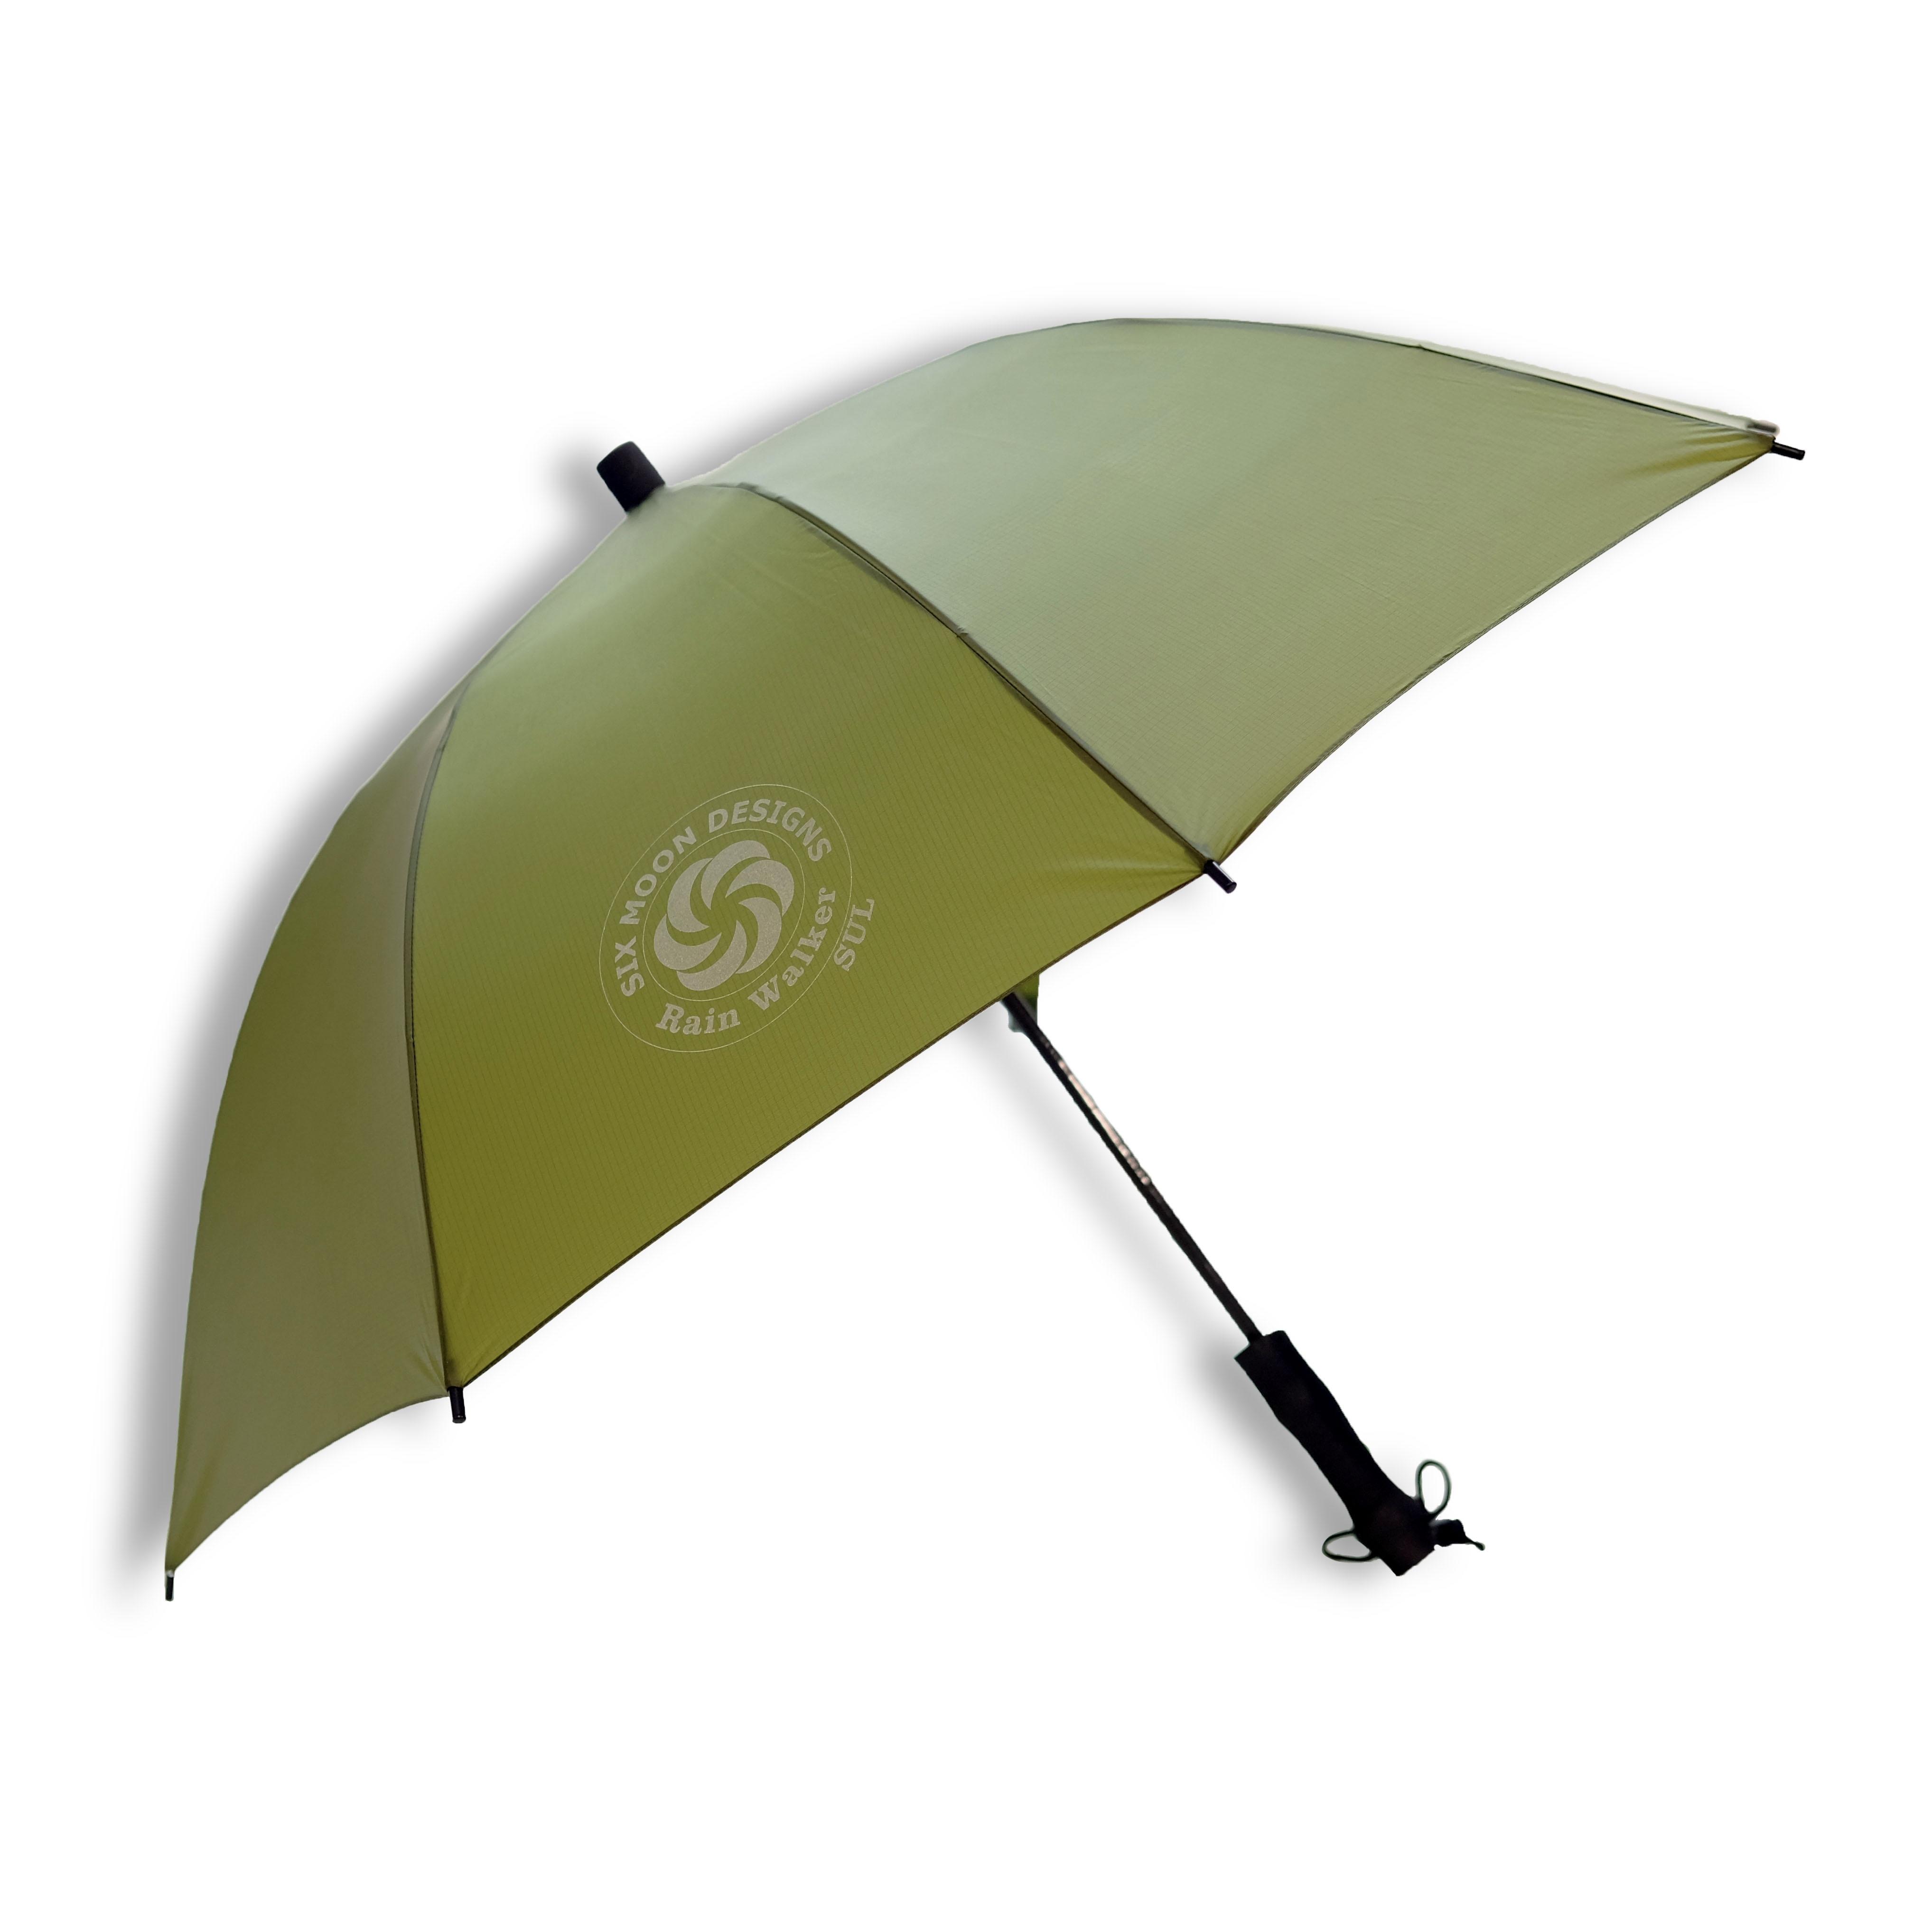 新品 Six Moon Designs Rain Walker Umbrella Green